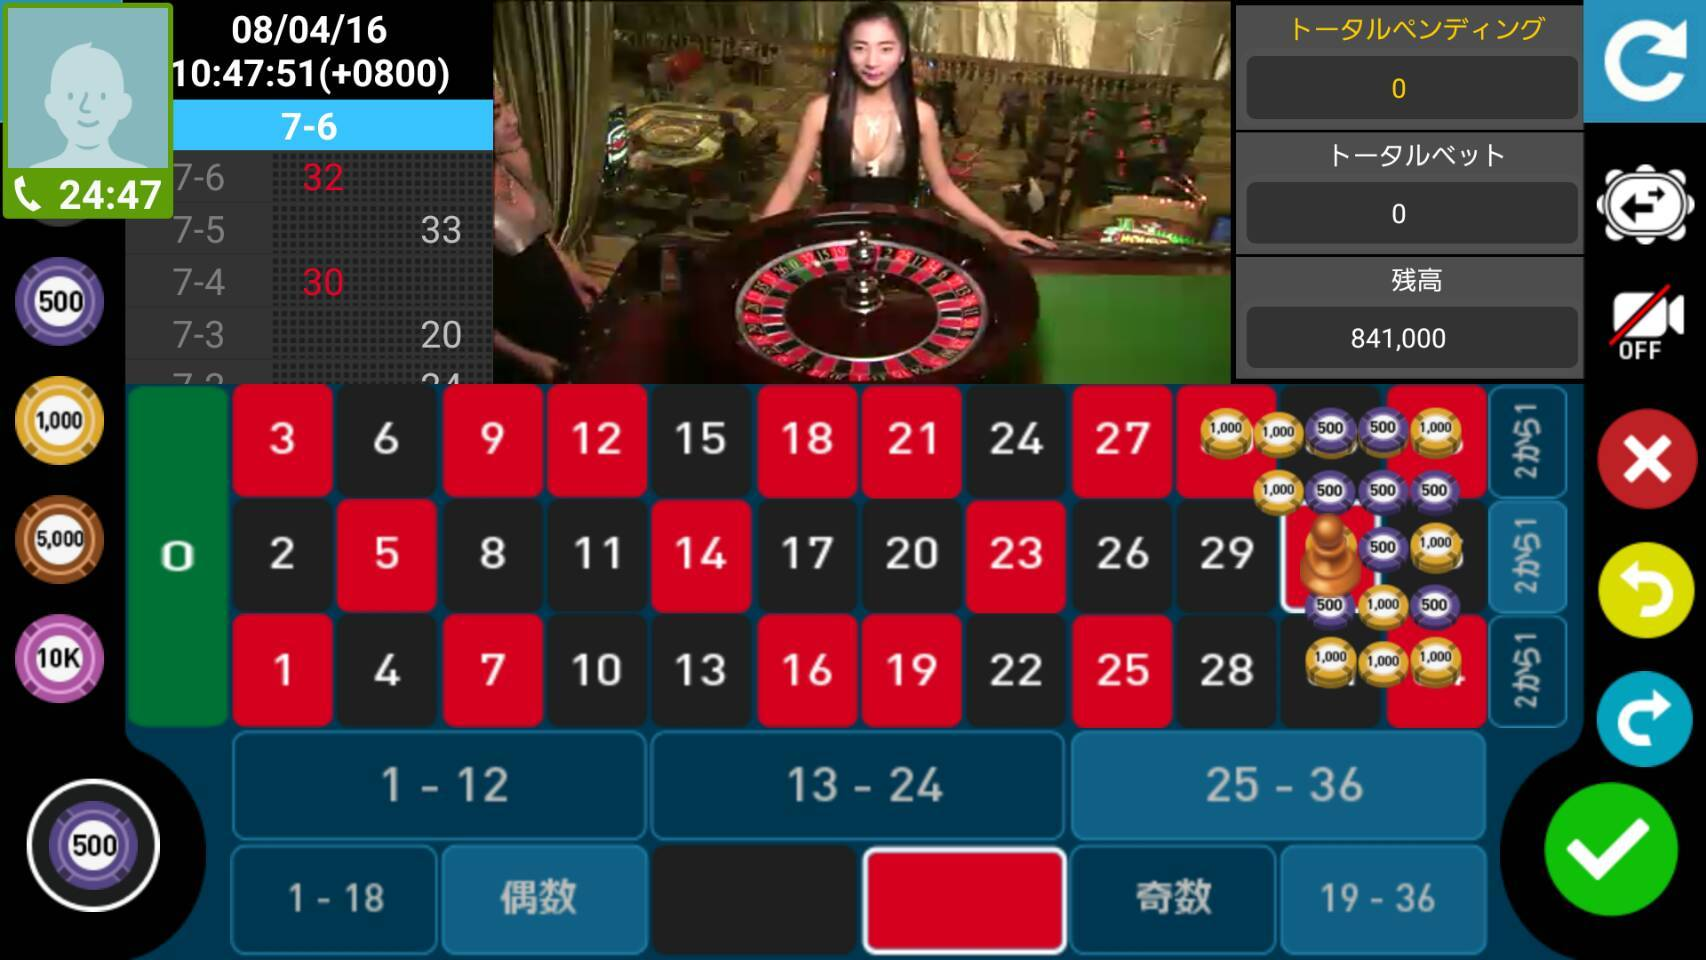 オンラインカジノのルーレットの画面